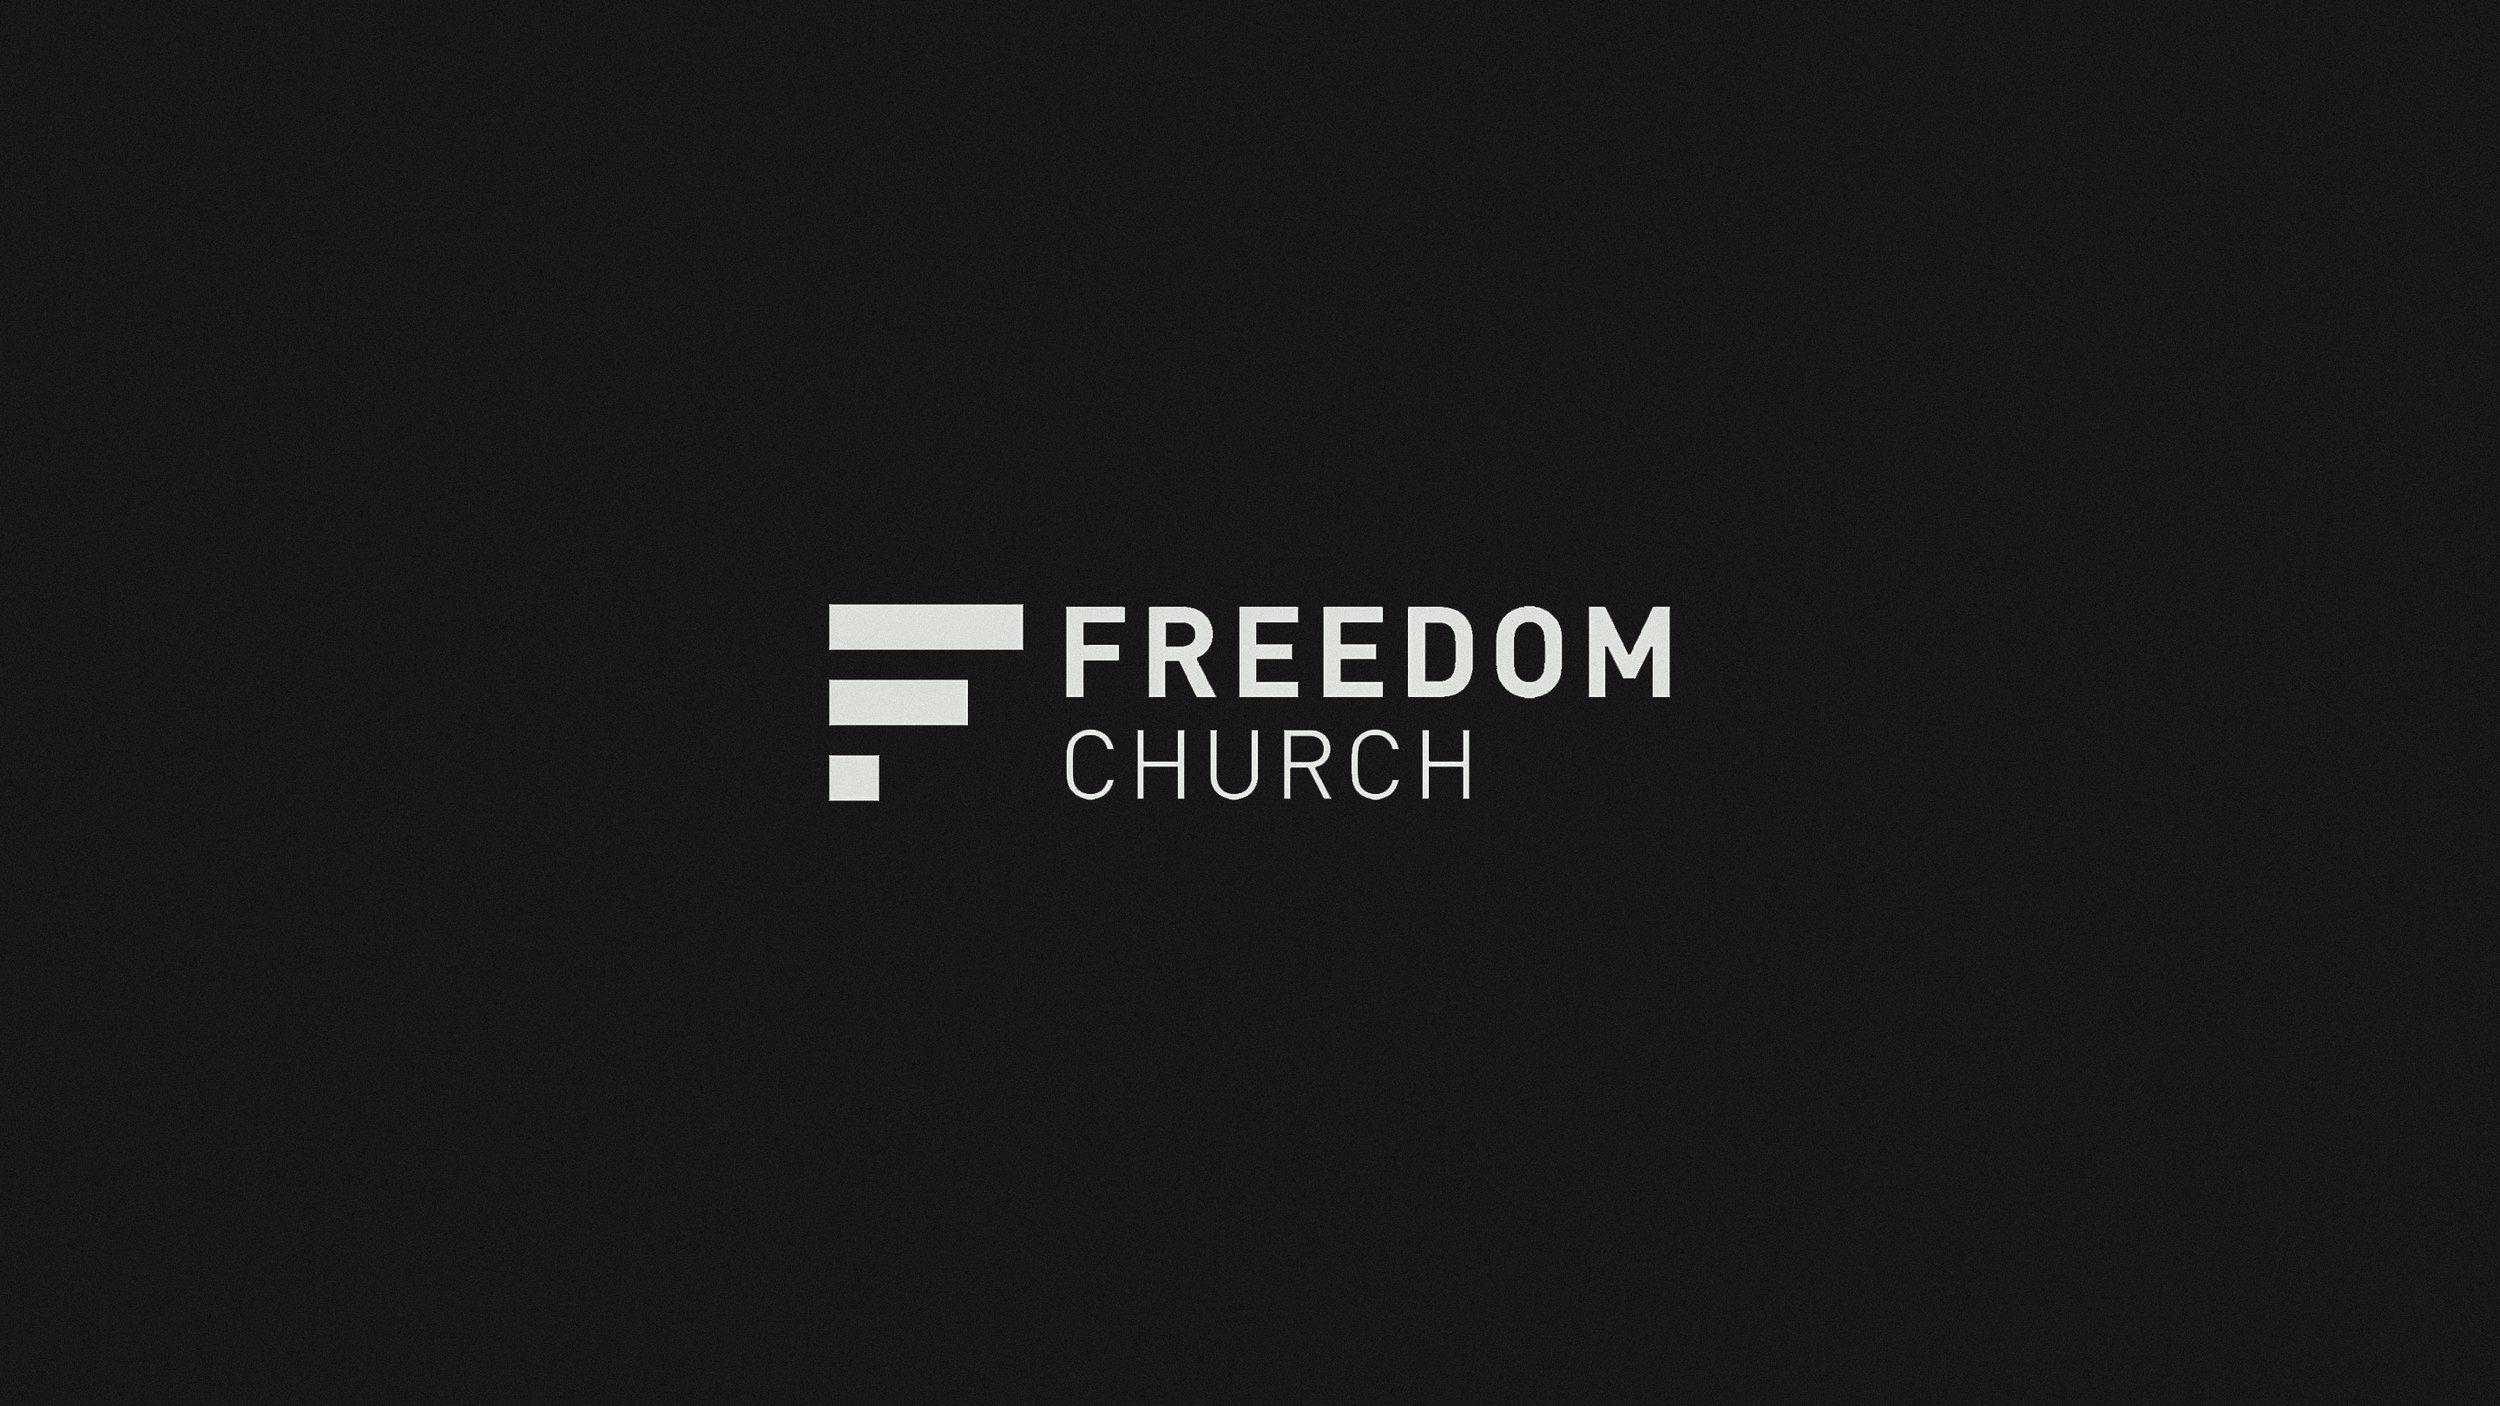 FreedomLogoBWnoise.jpg